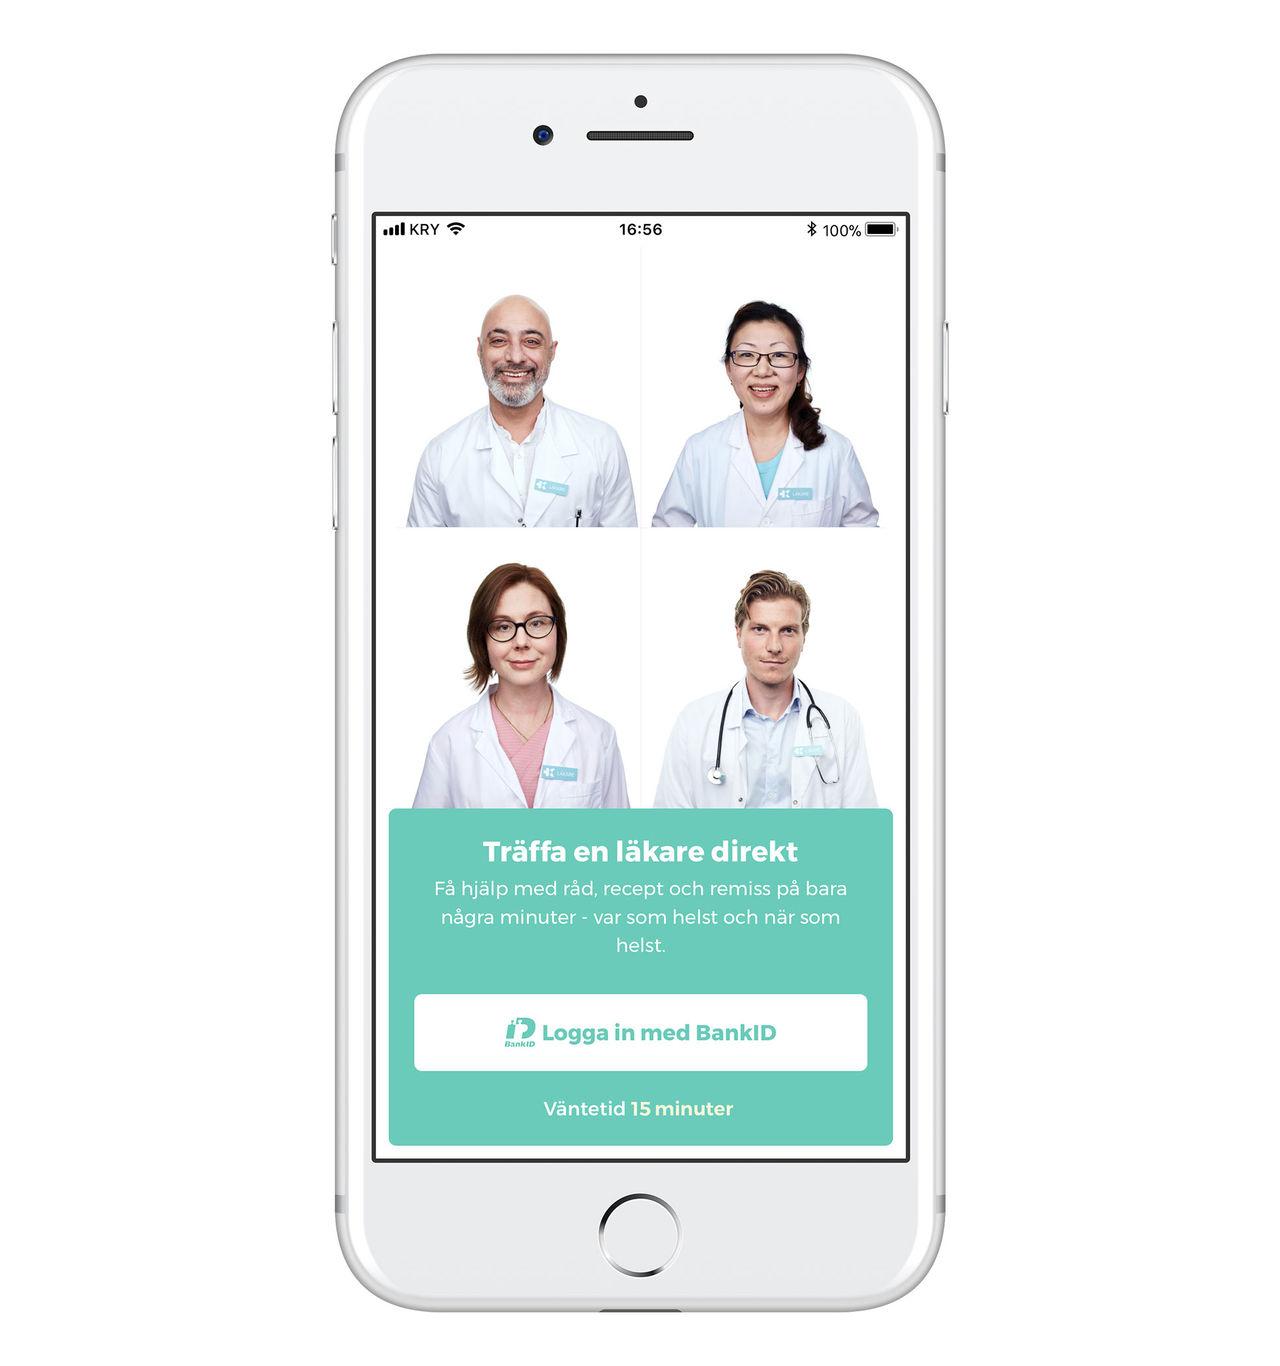 Stockholmare bäst på att använda digitala vårdtjänster